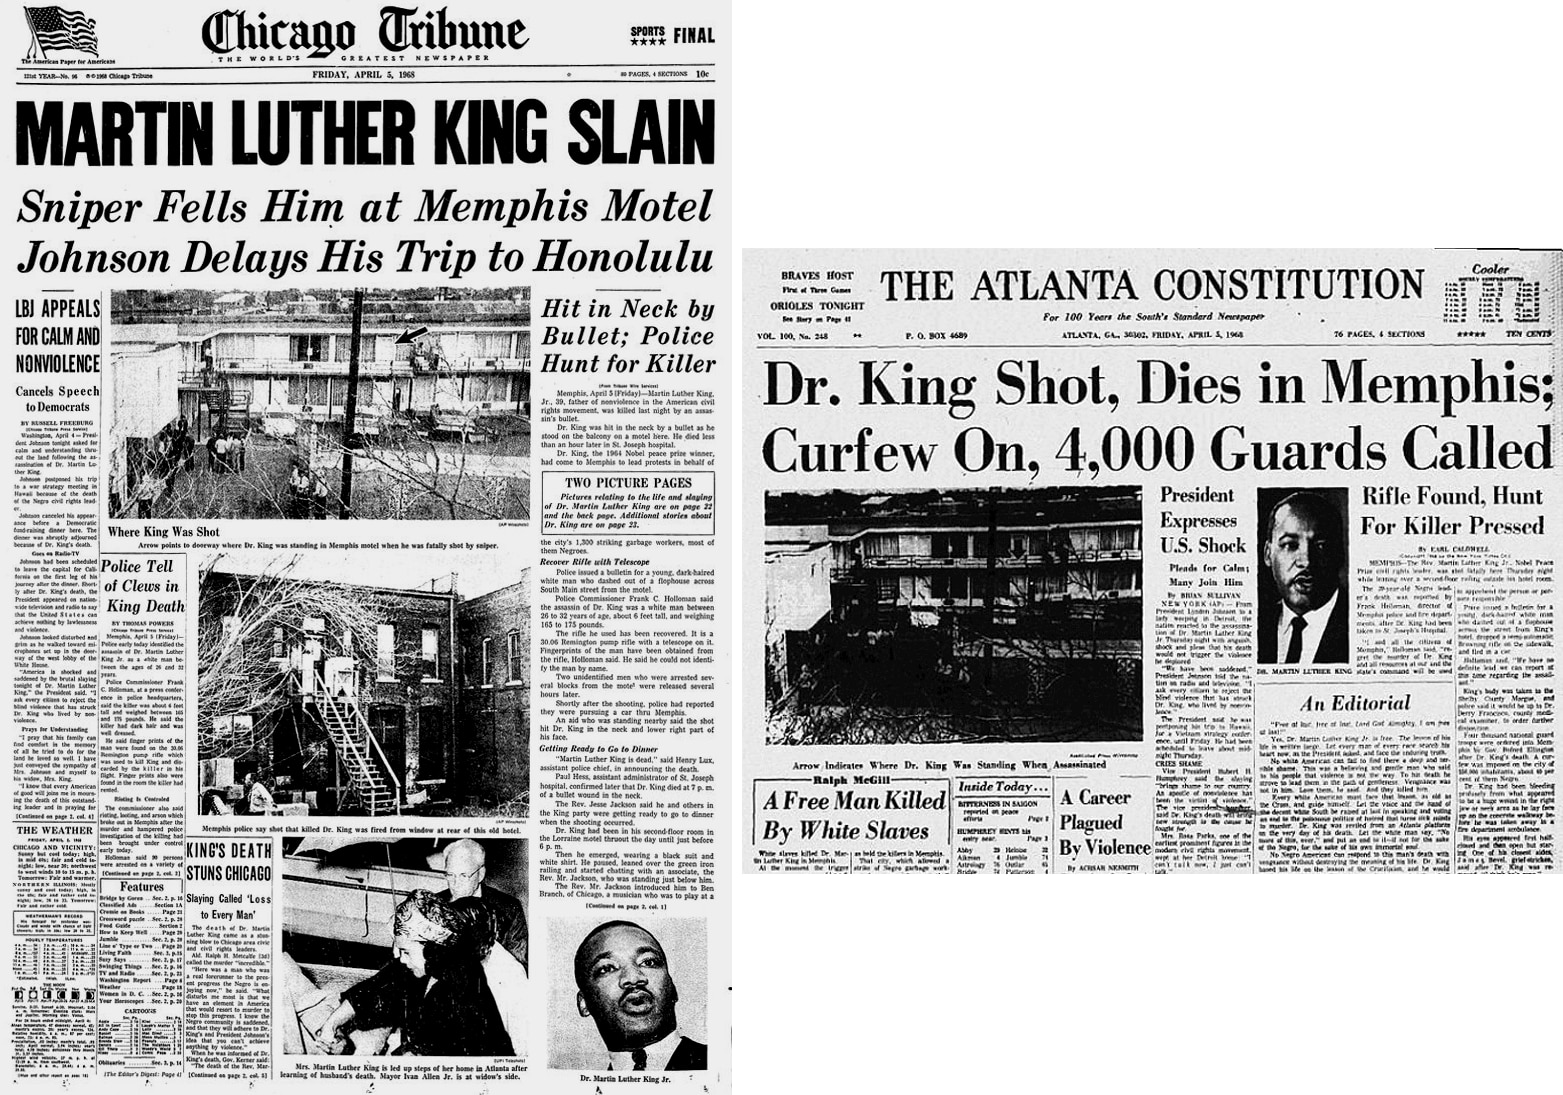 The Chicago Tribune and Atlanta Constitution